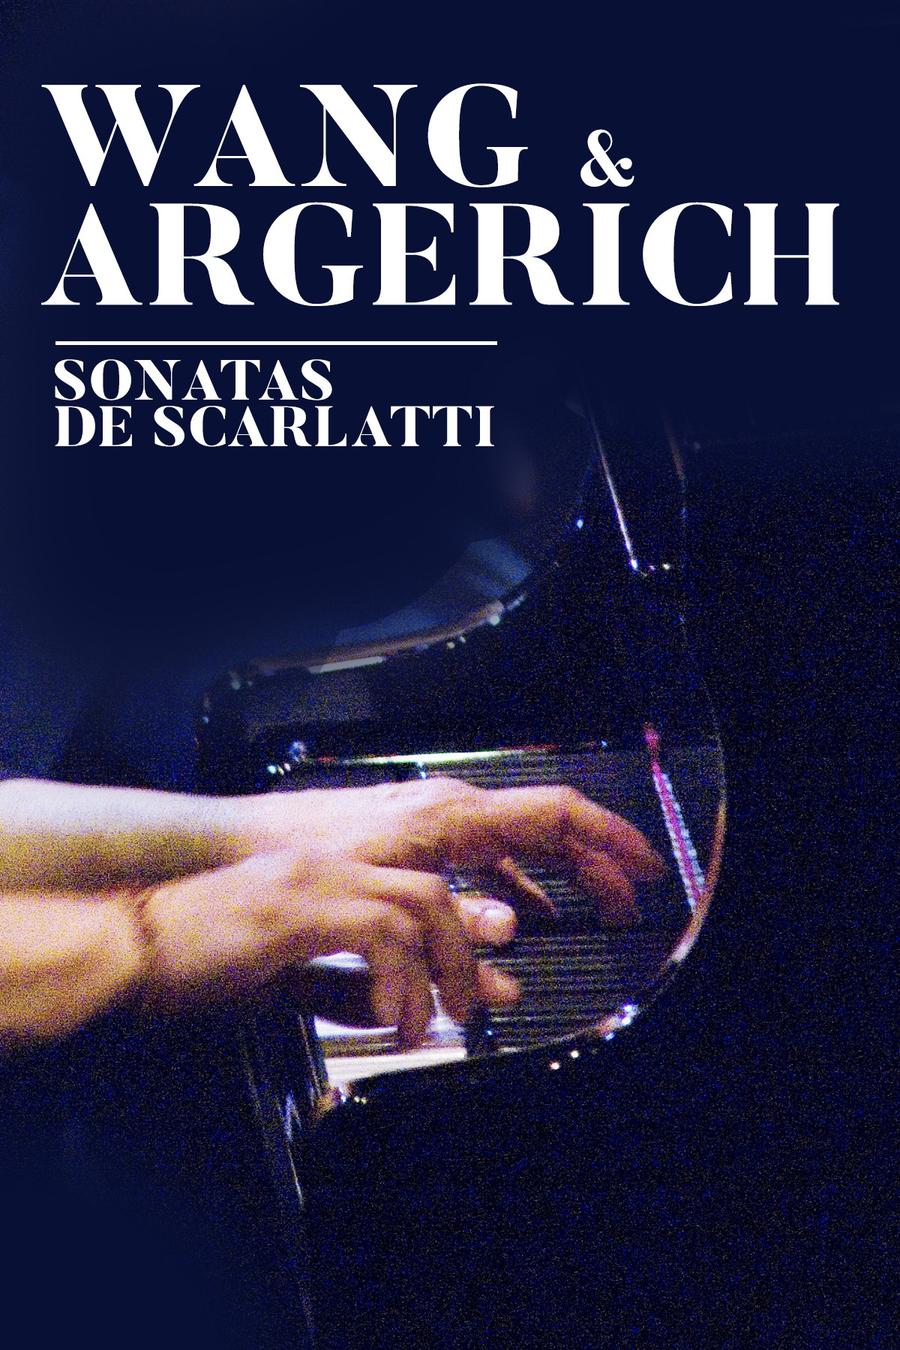 Sonatas de Scarlatti